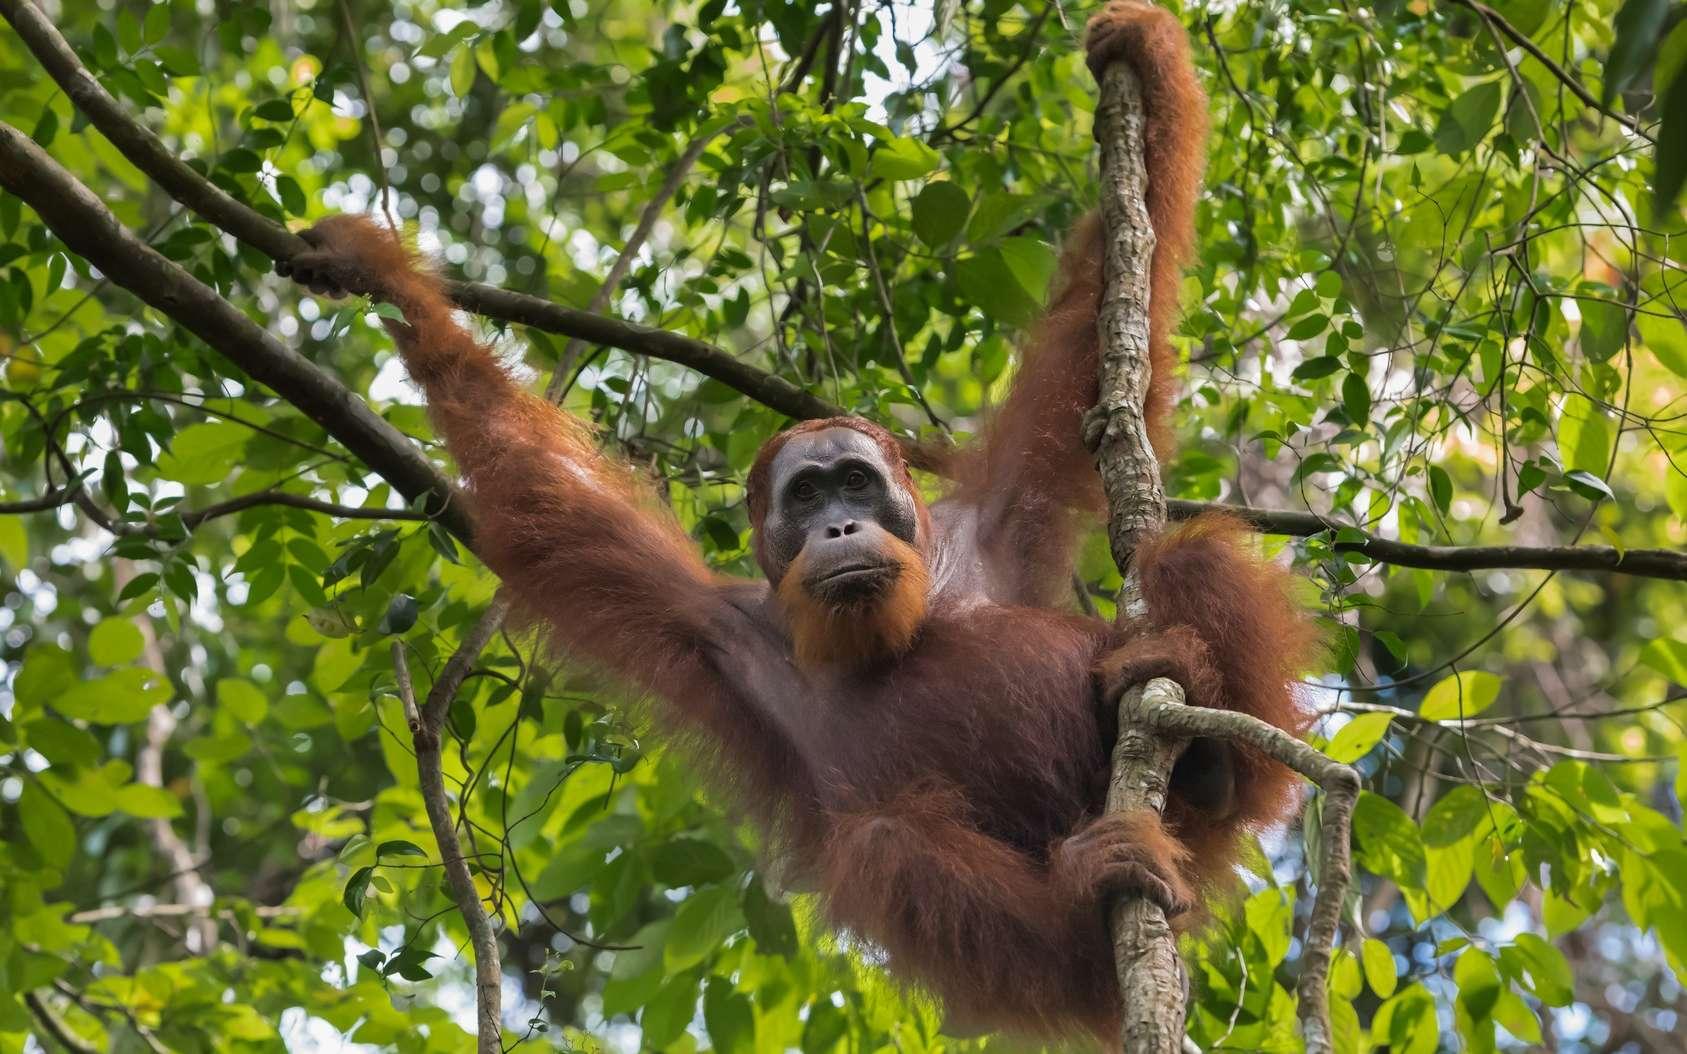 La crise de la biodiversité en 10 chiffres